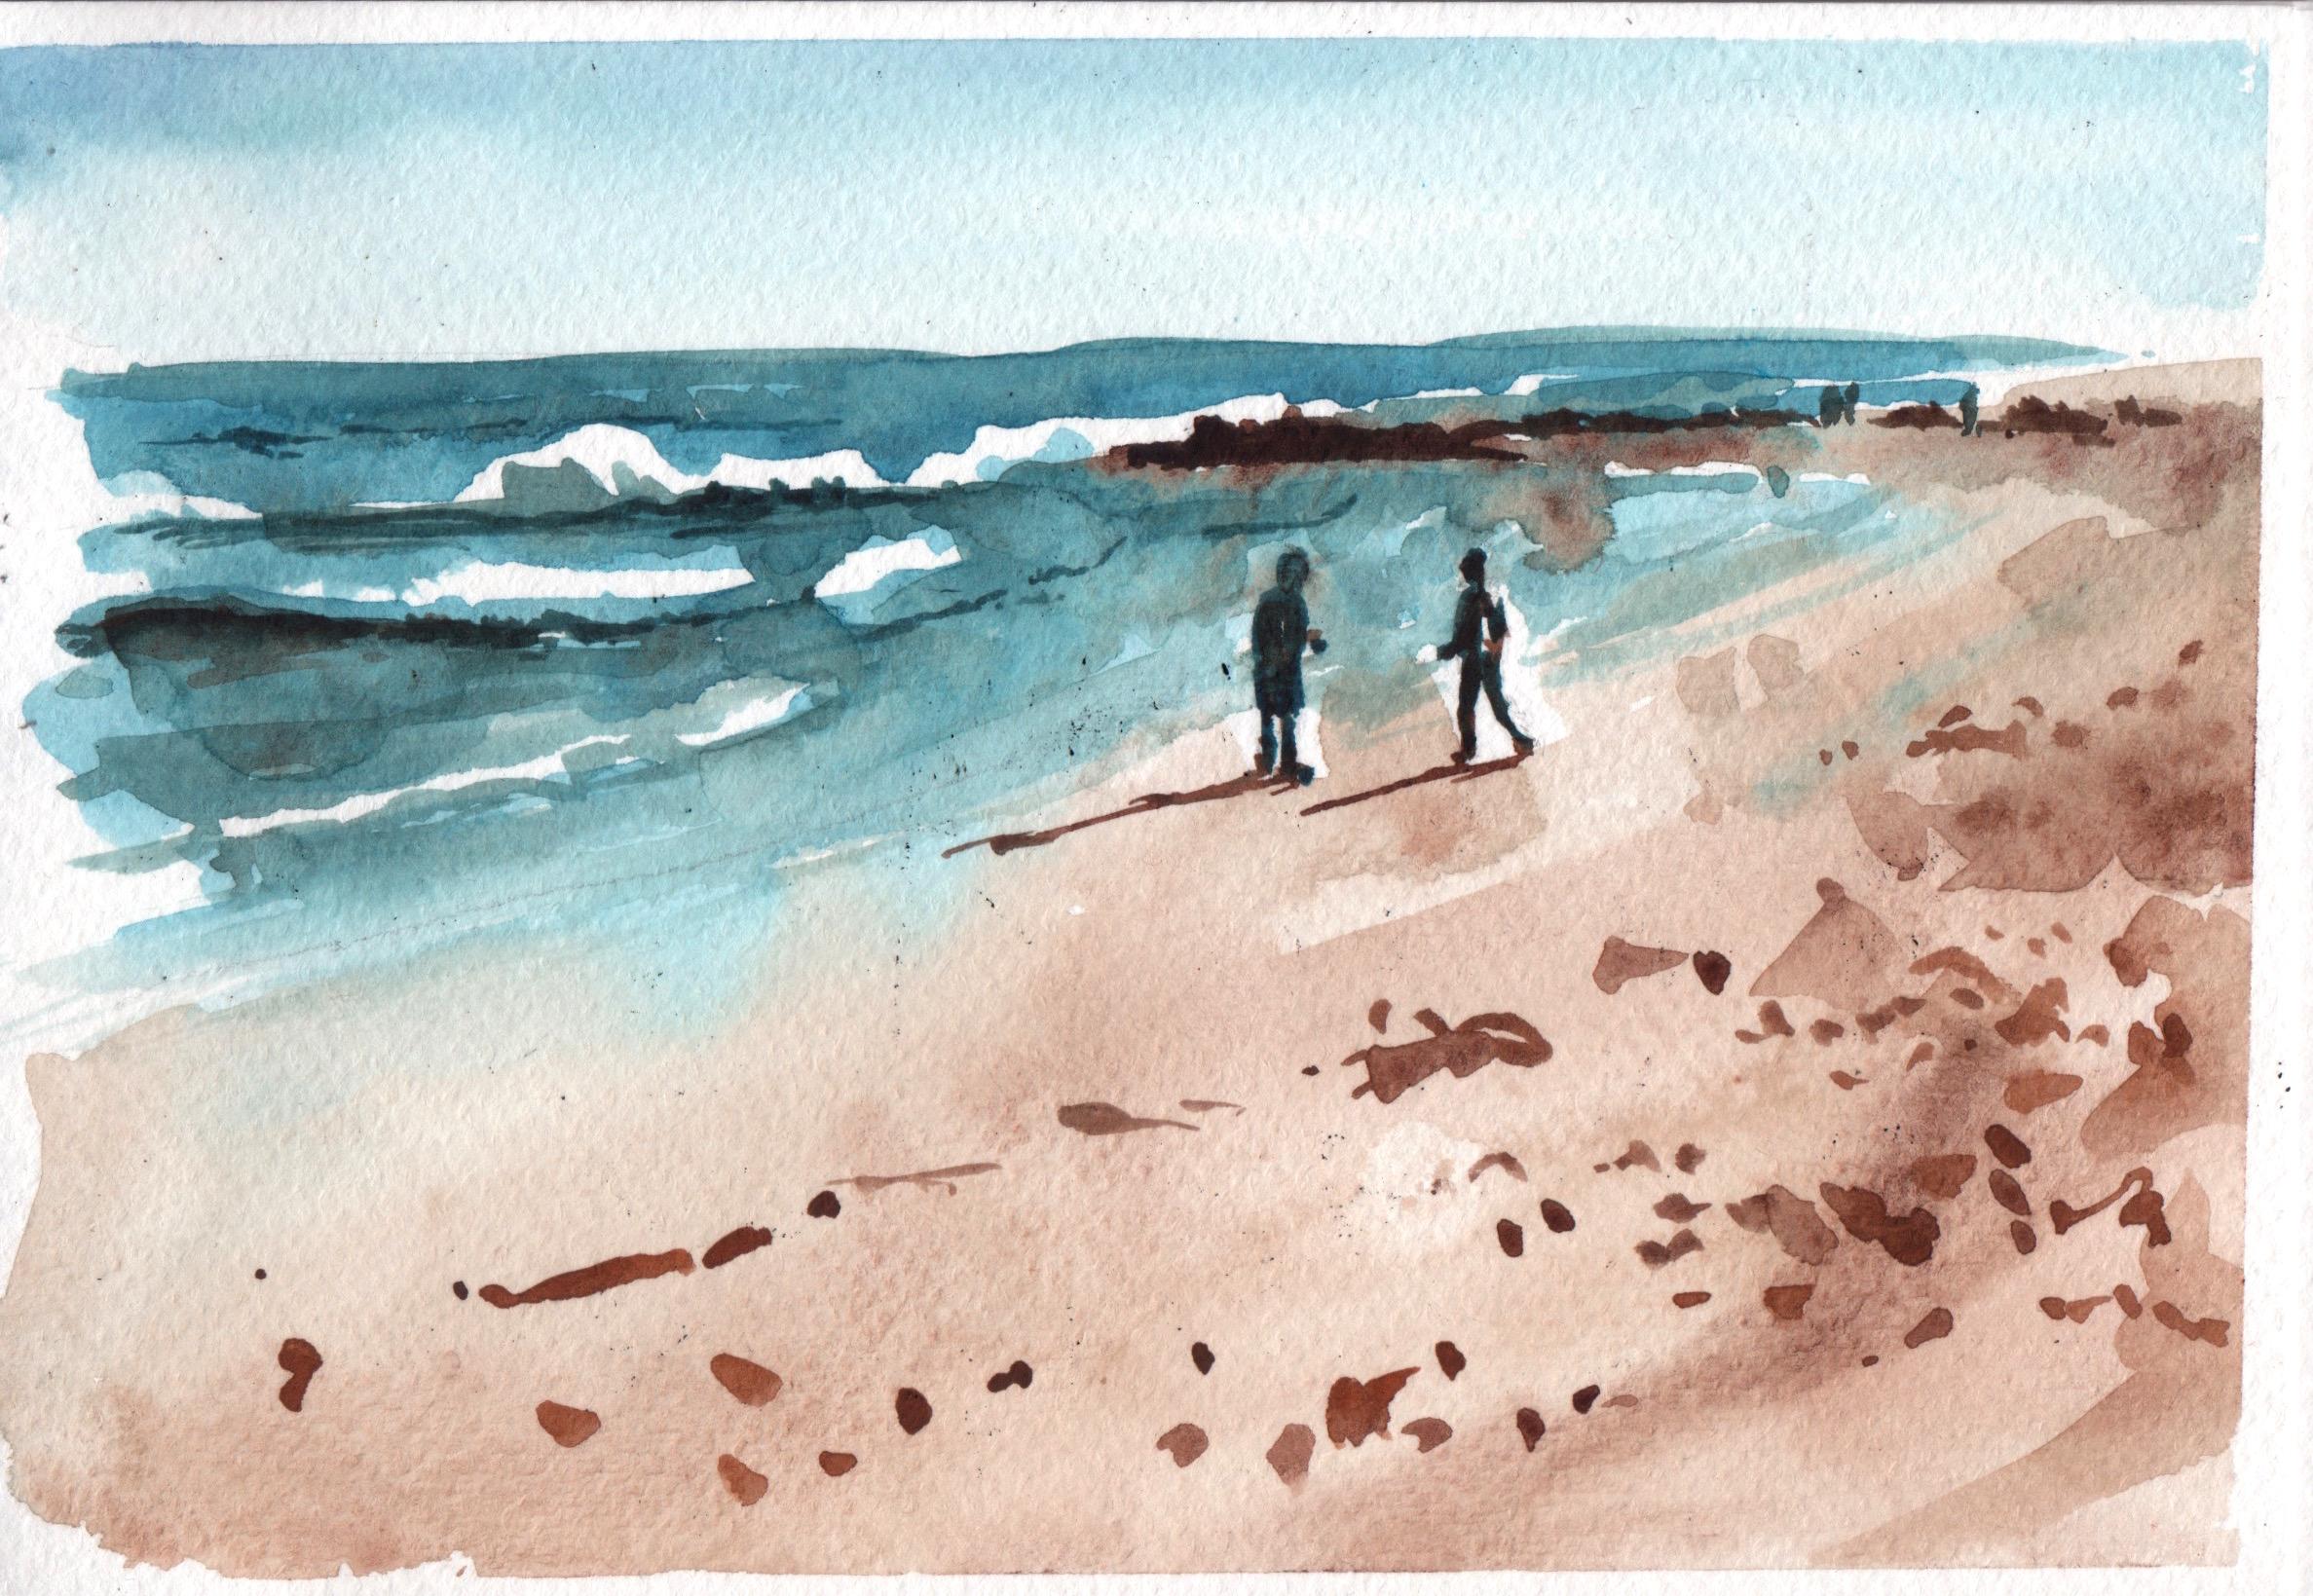 Playa el Tabo